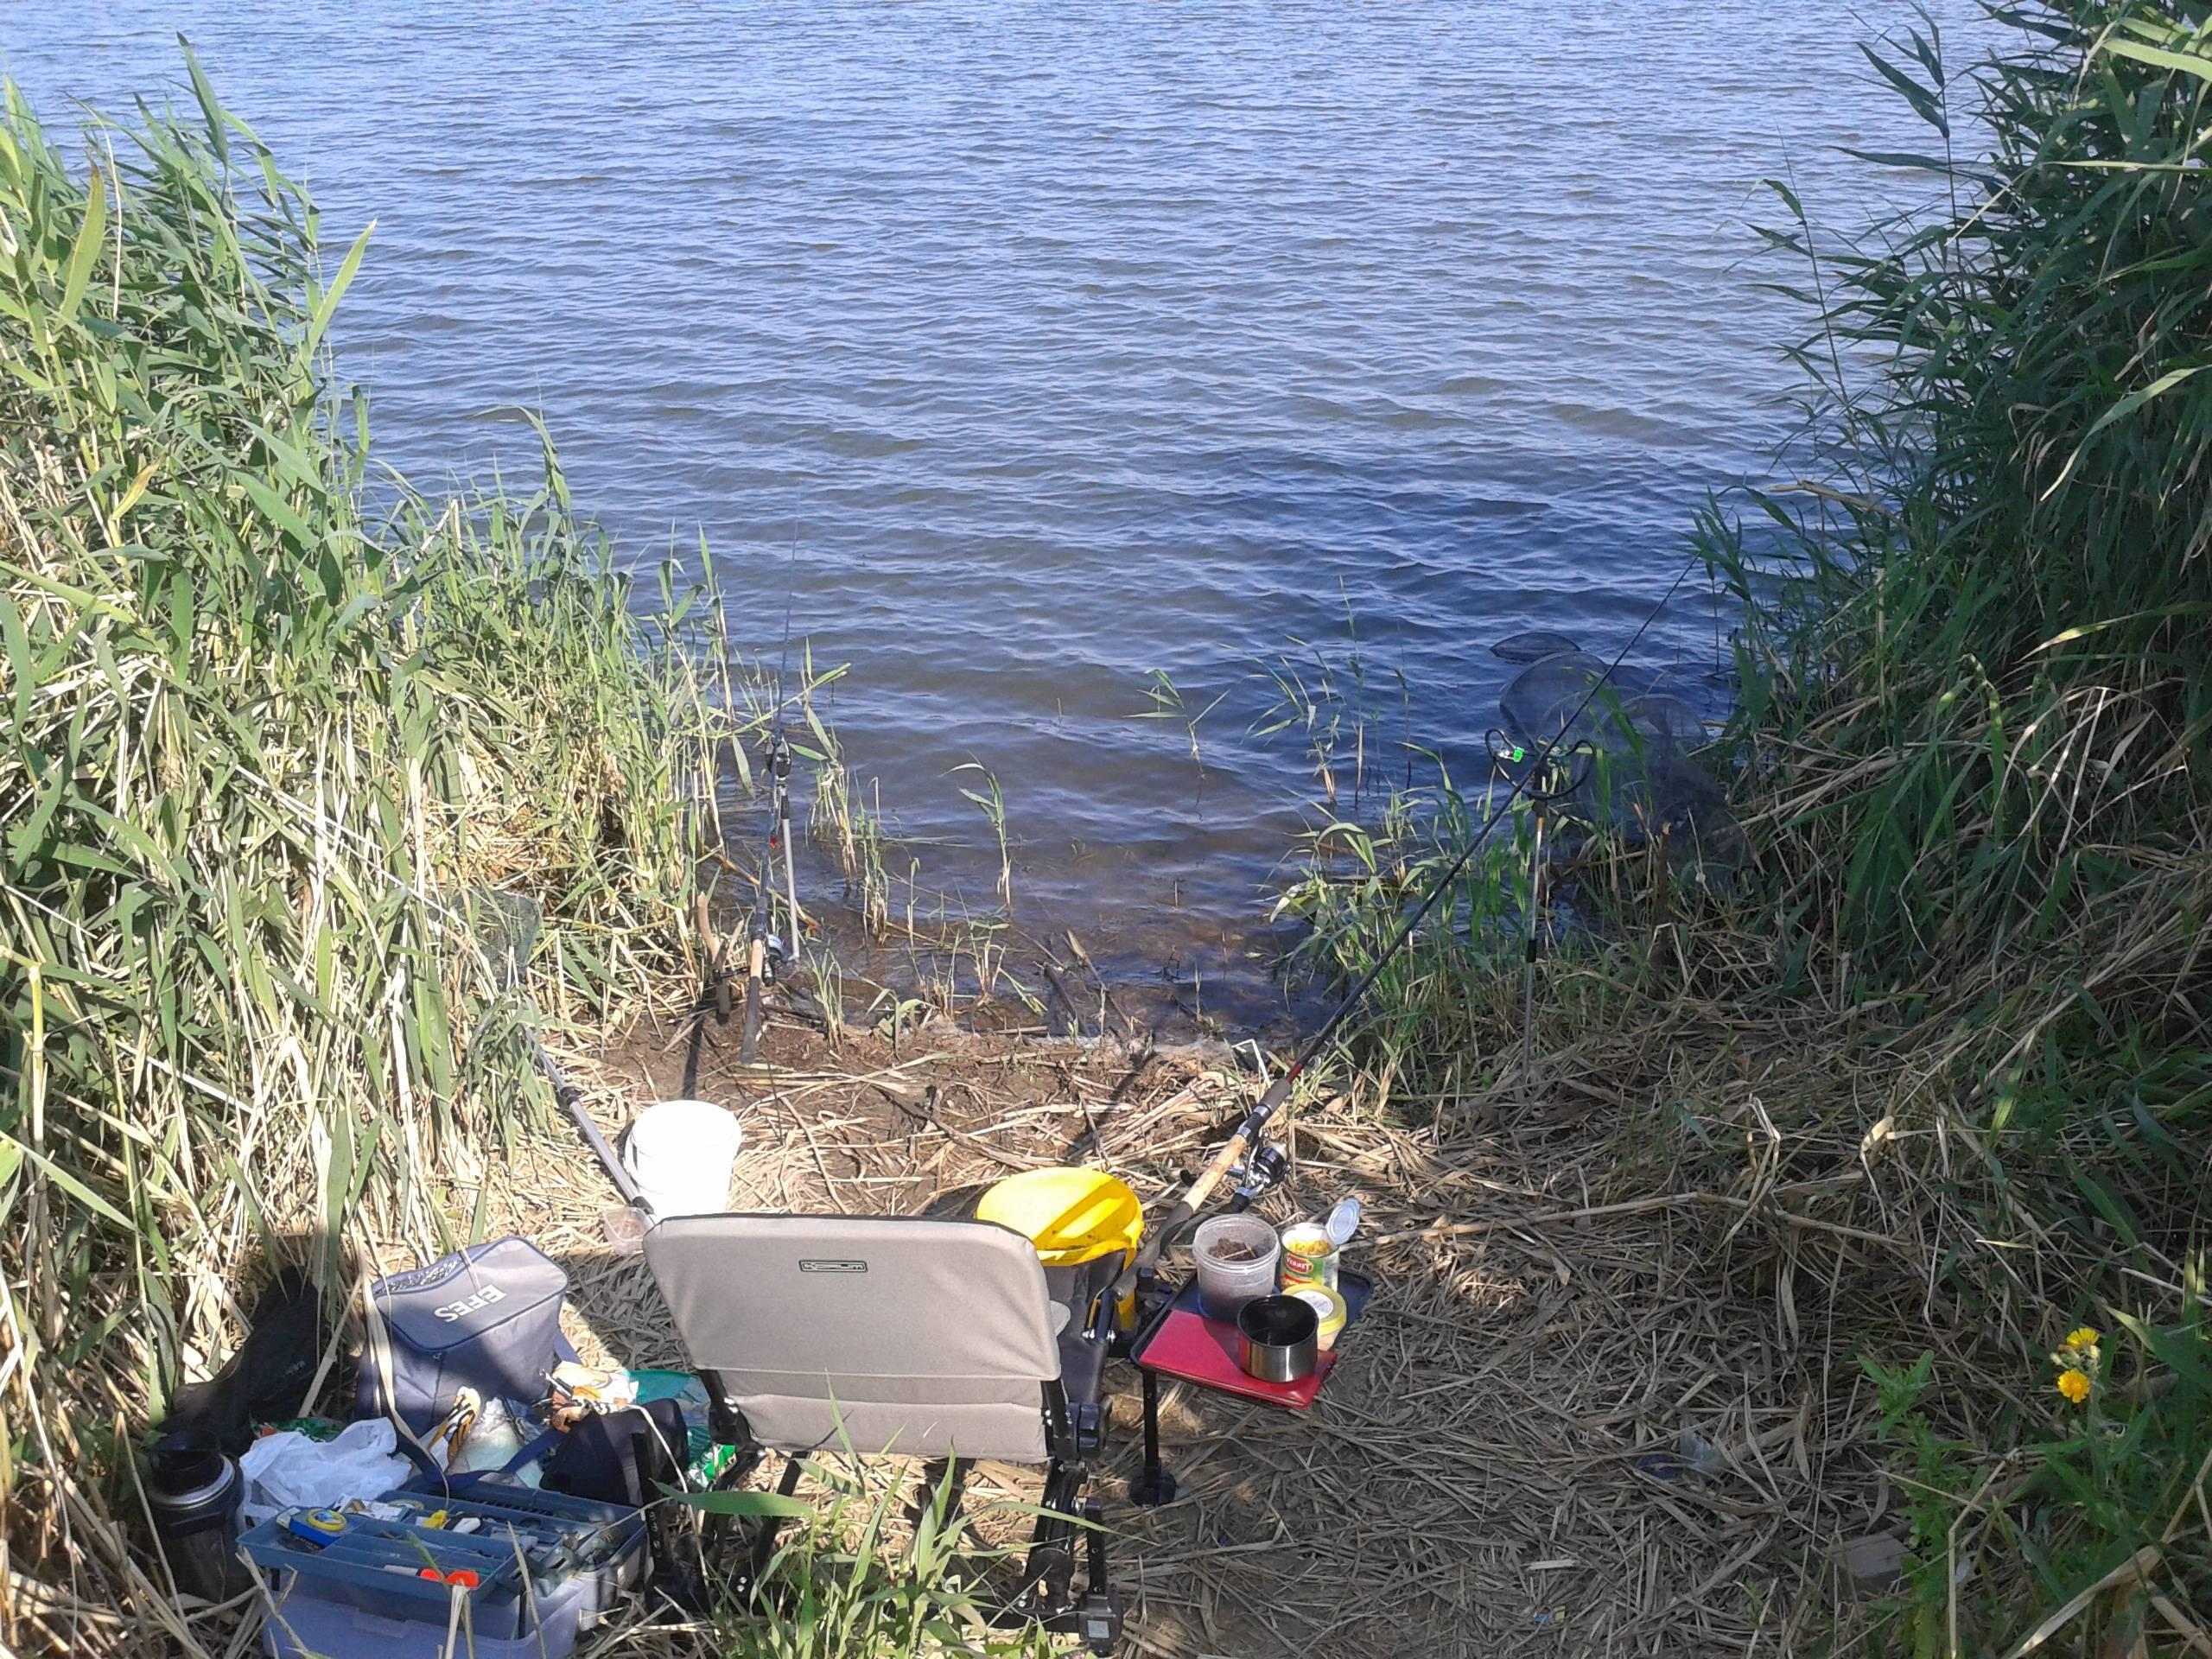 Летняя и зимняя рыбалка в саратовской области: платные и бесплатные места